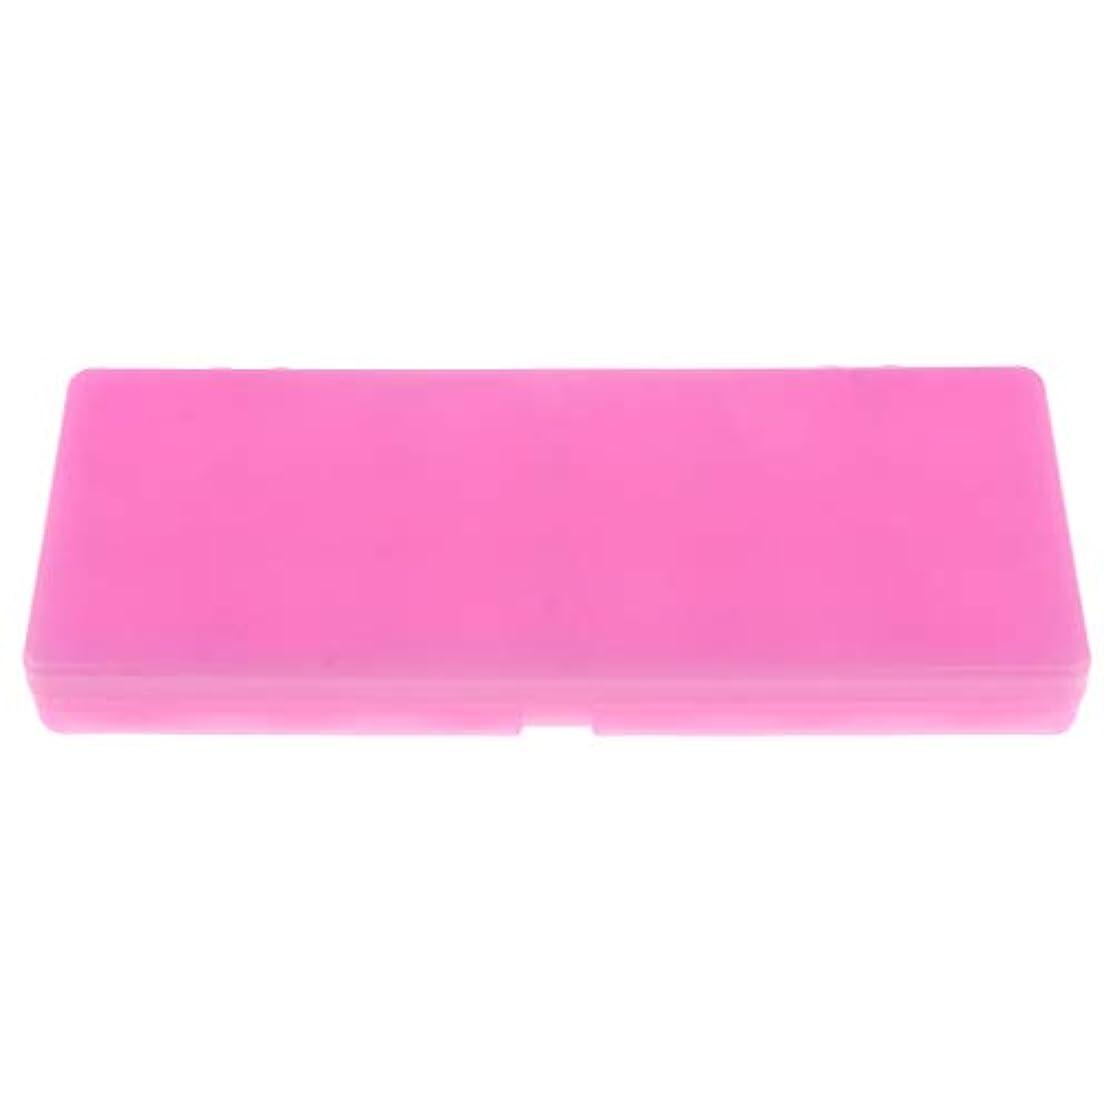 無関心怠軽減するDYNWAVE 水彩画/ガッシュ/アクリルオイルペイント用 顔料パレット ネイルアート 化粧品 混合パレット 全3色 - ピンク